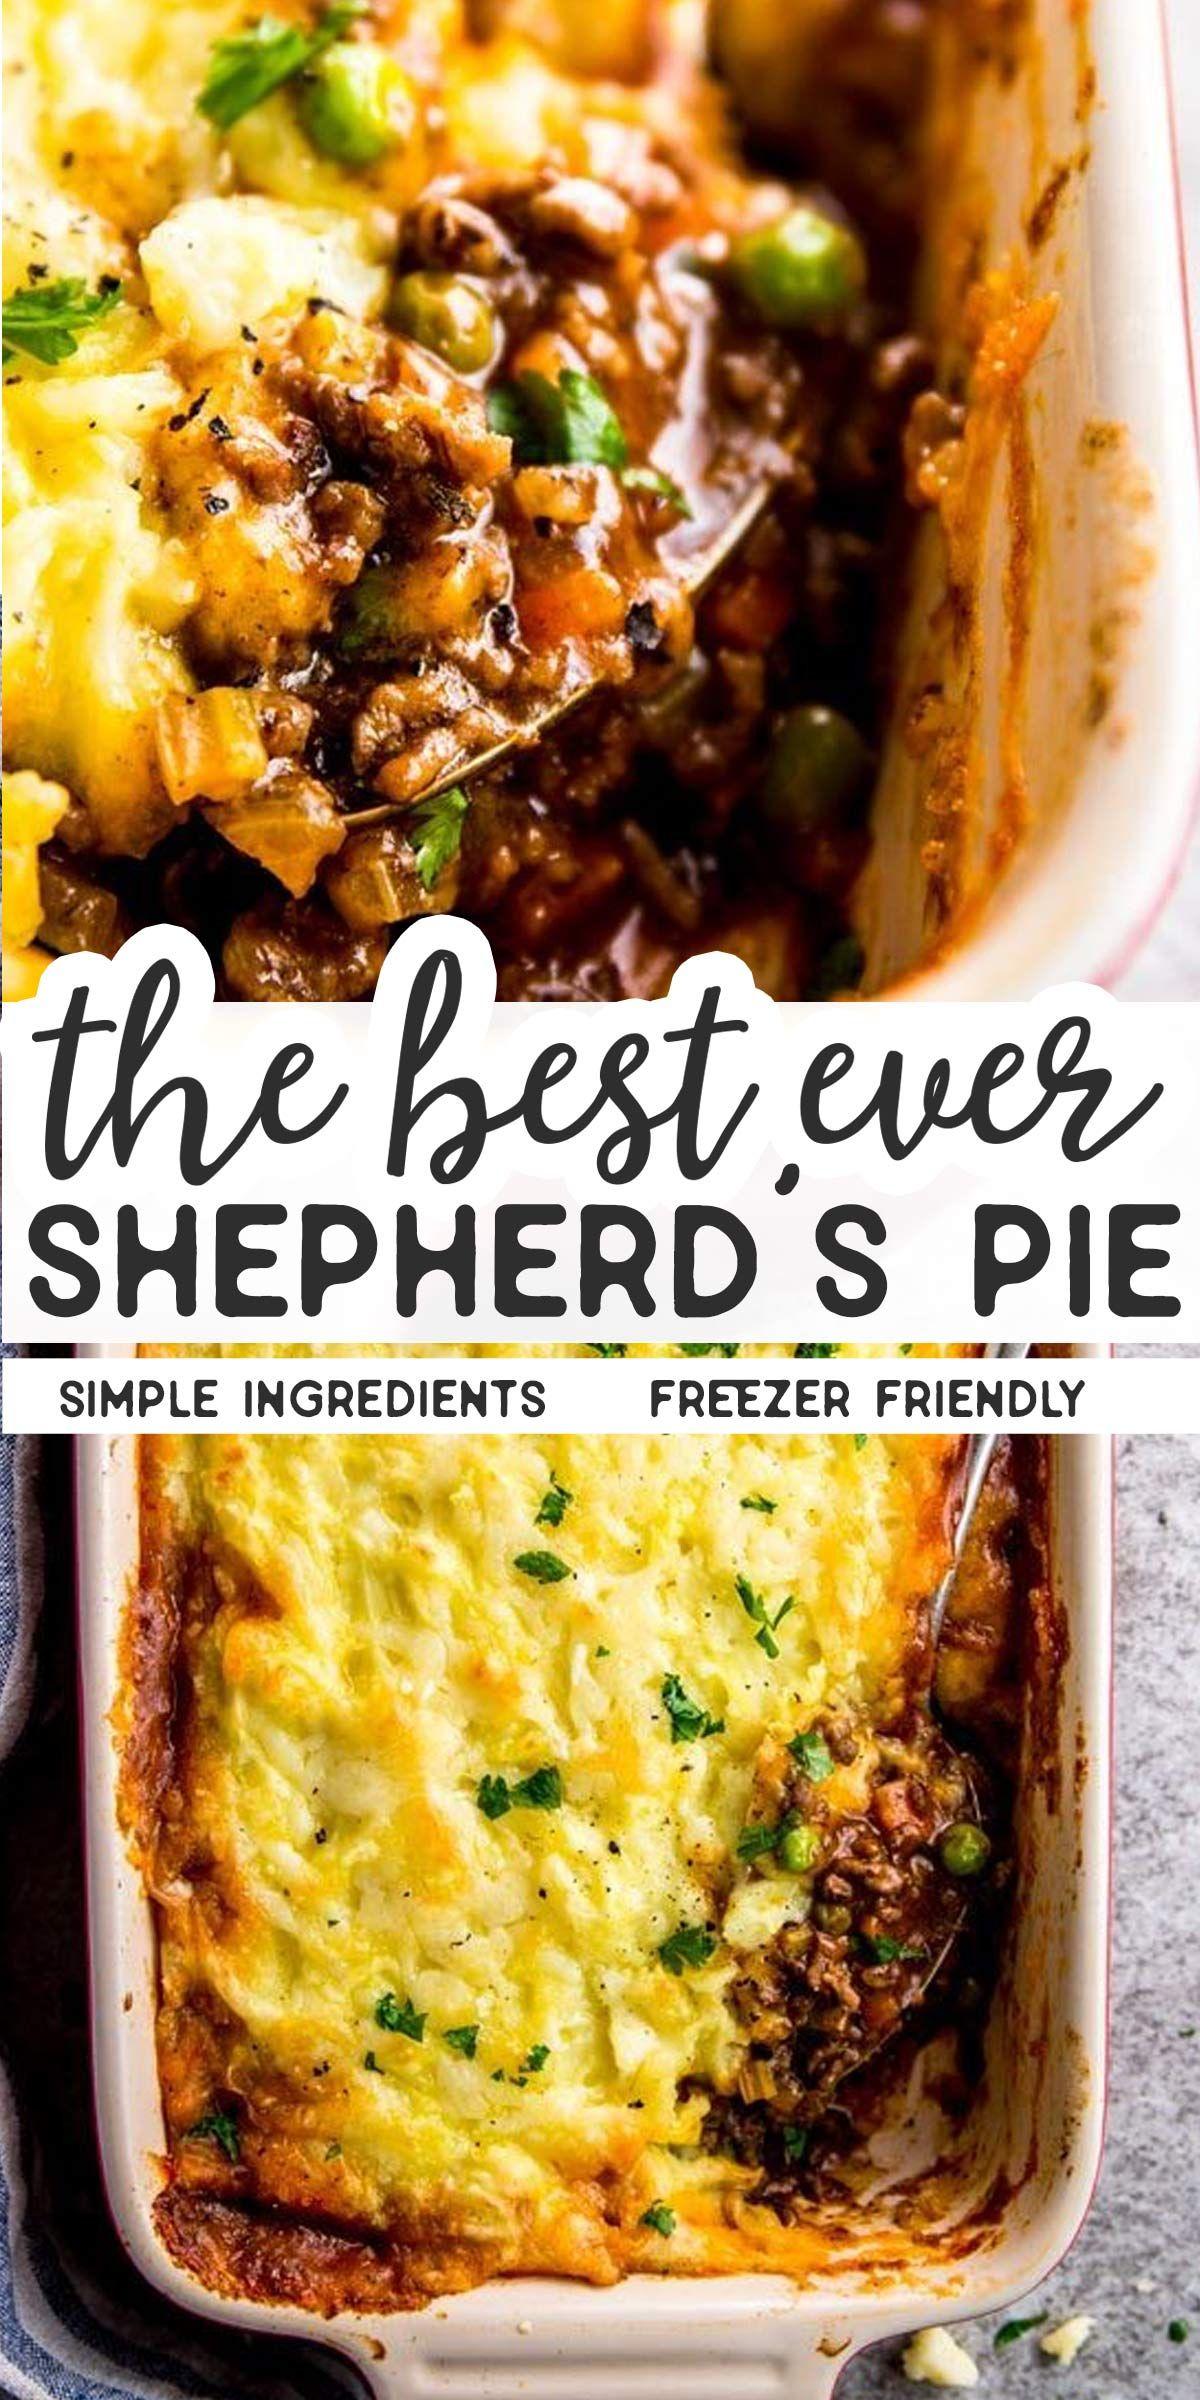 The Best Homemade Shepherd's Pie #comfortfoods